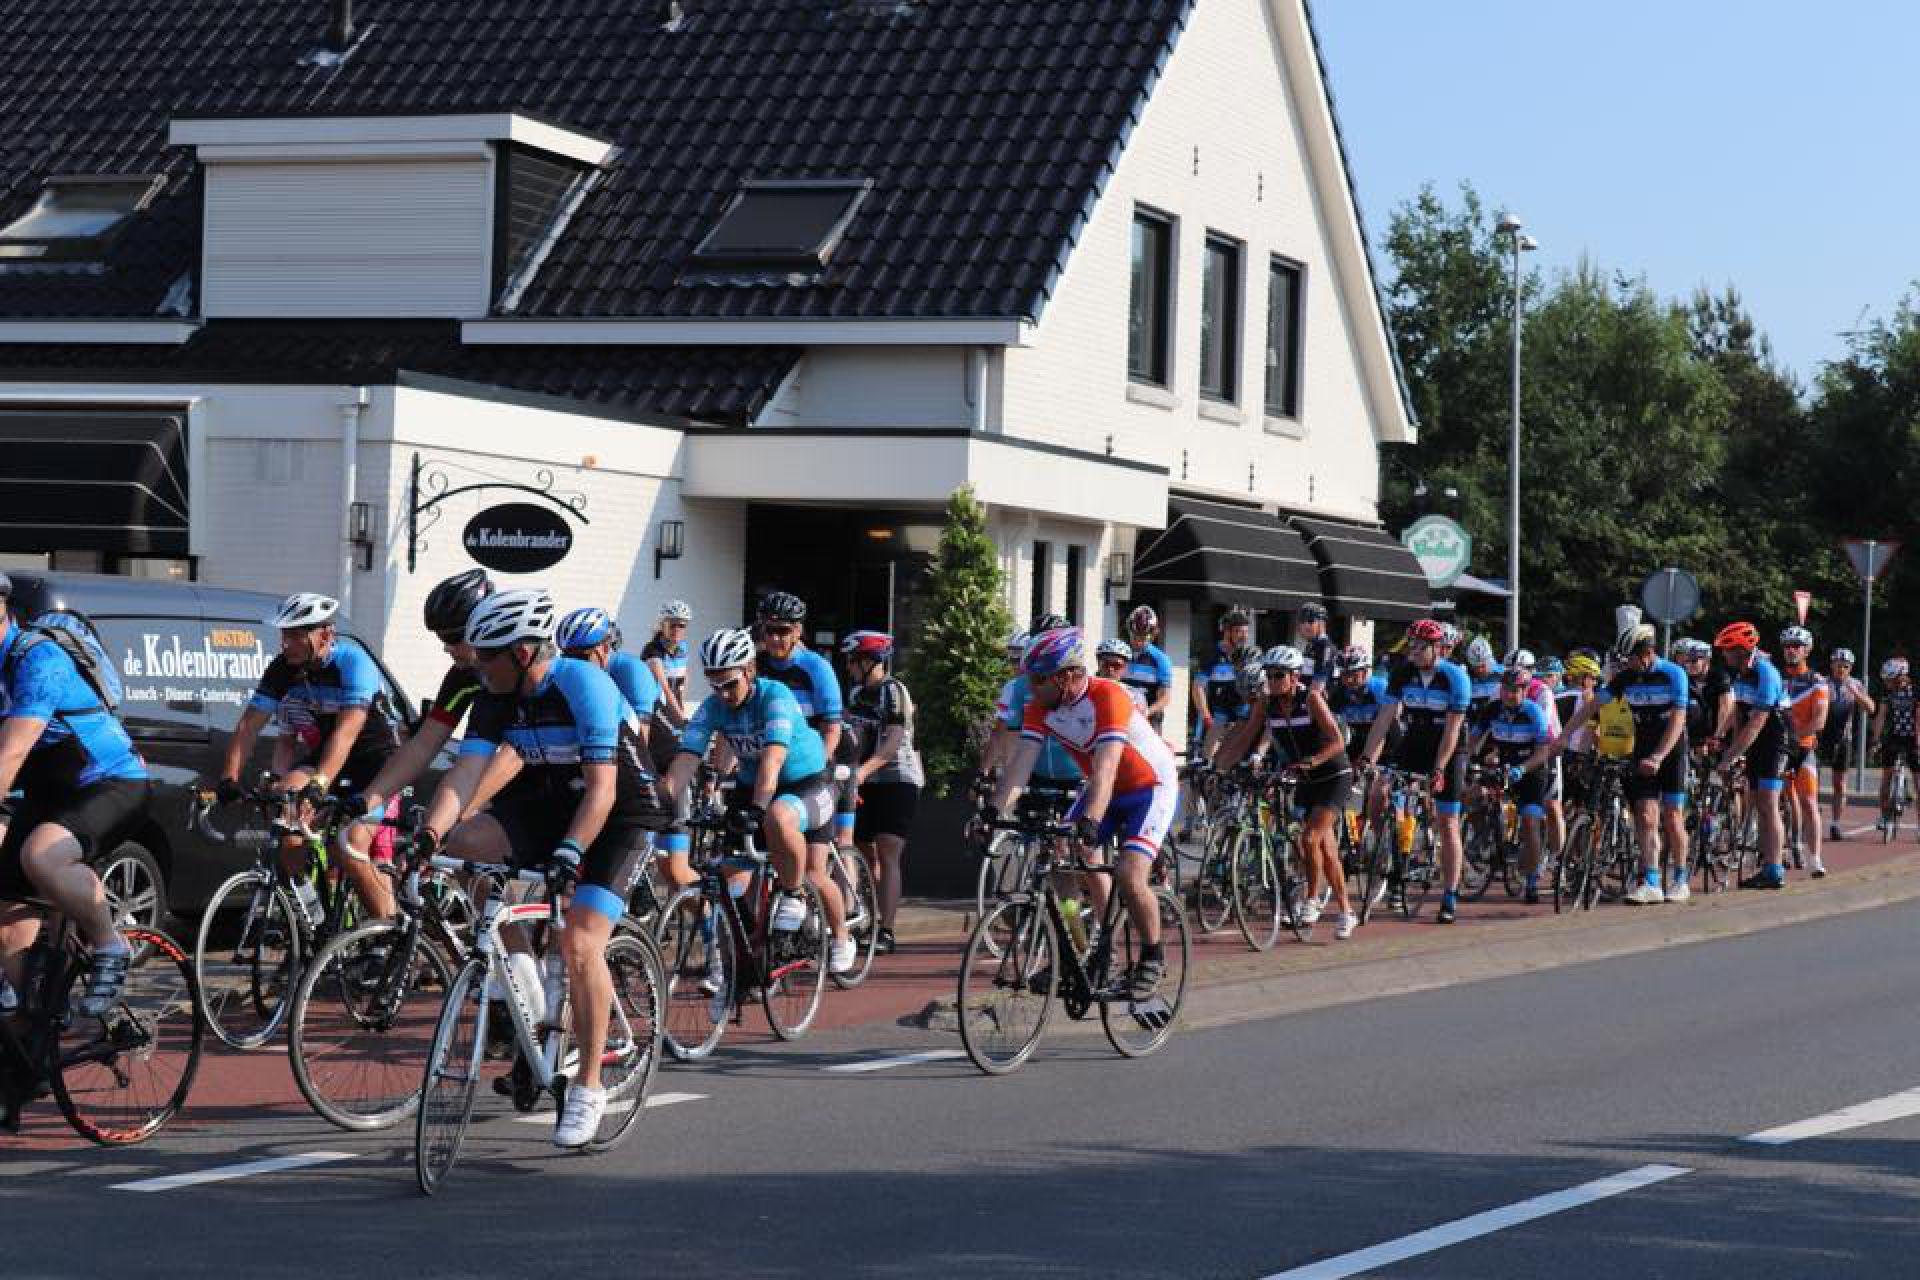 Elastiekenkoers in Delden ontvangen op nieuwe locatie